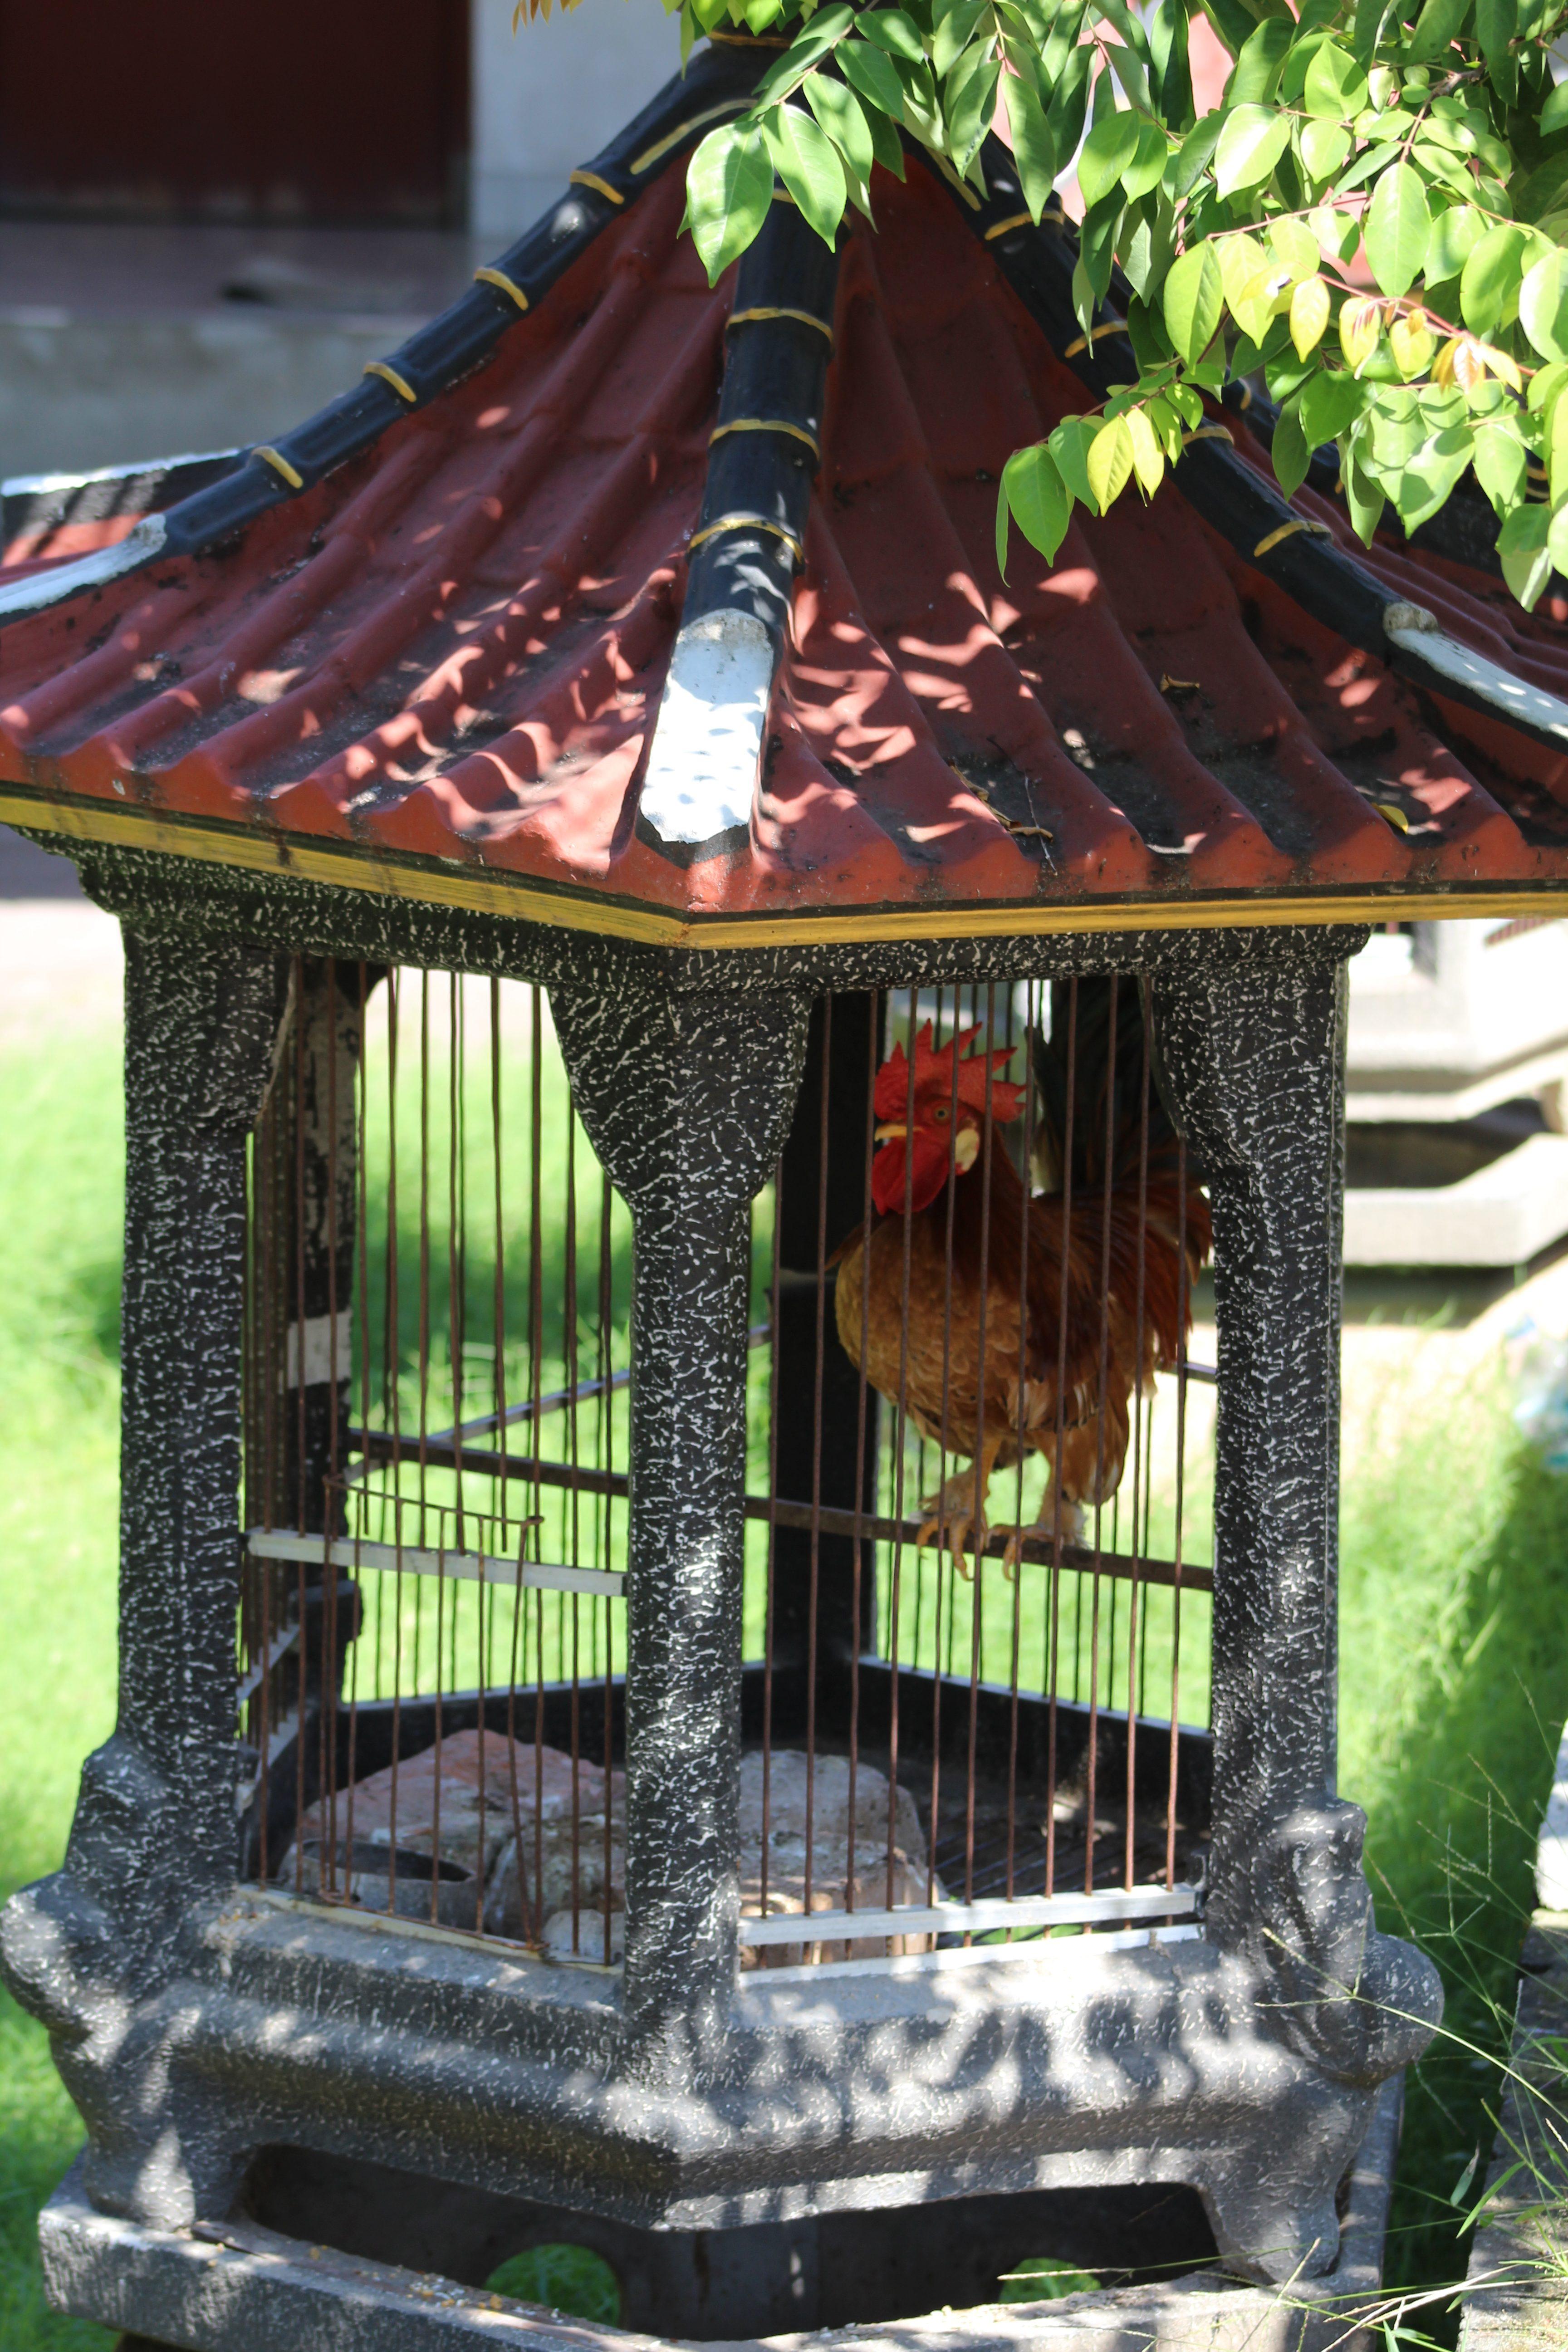 Cockerel in a cage